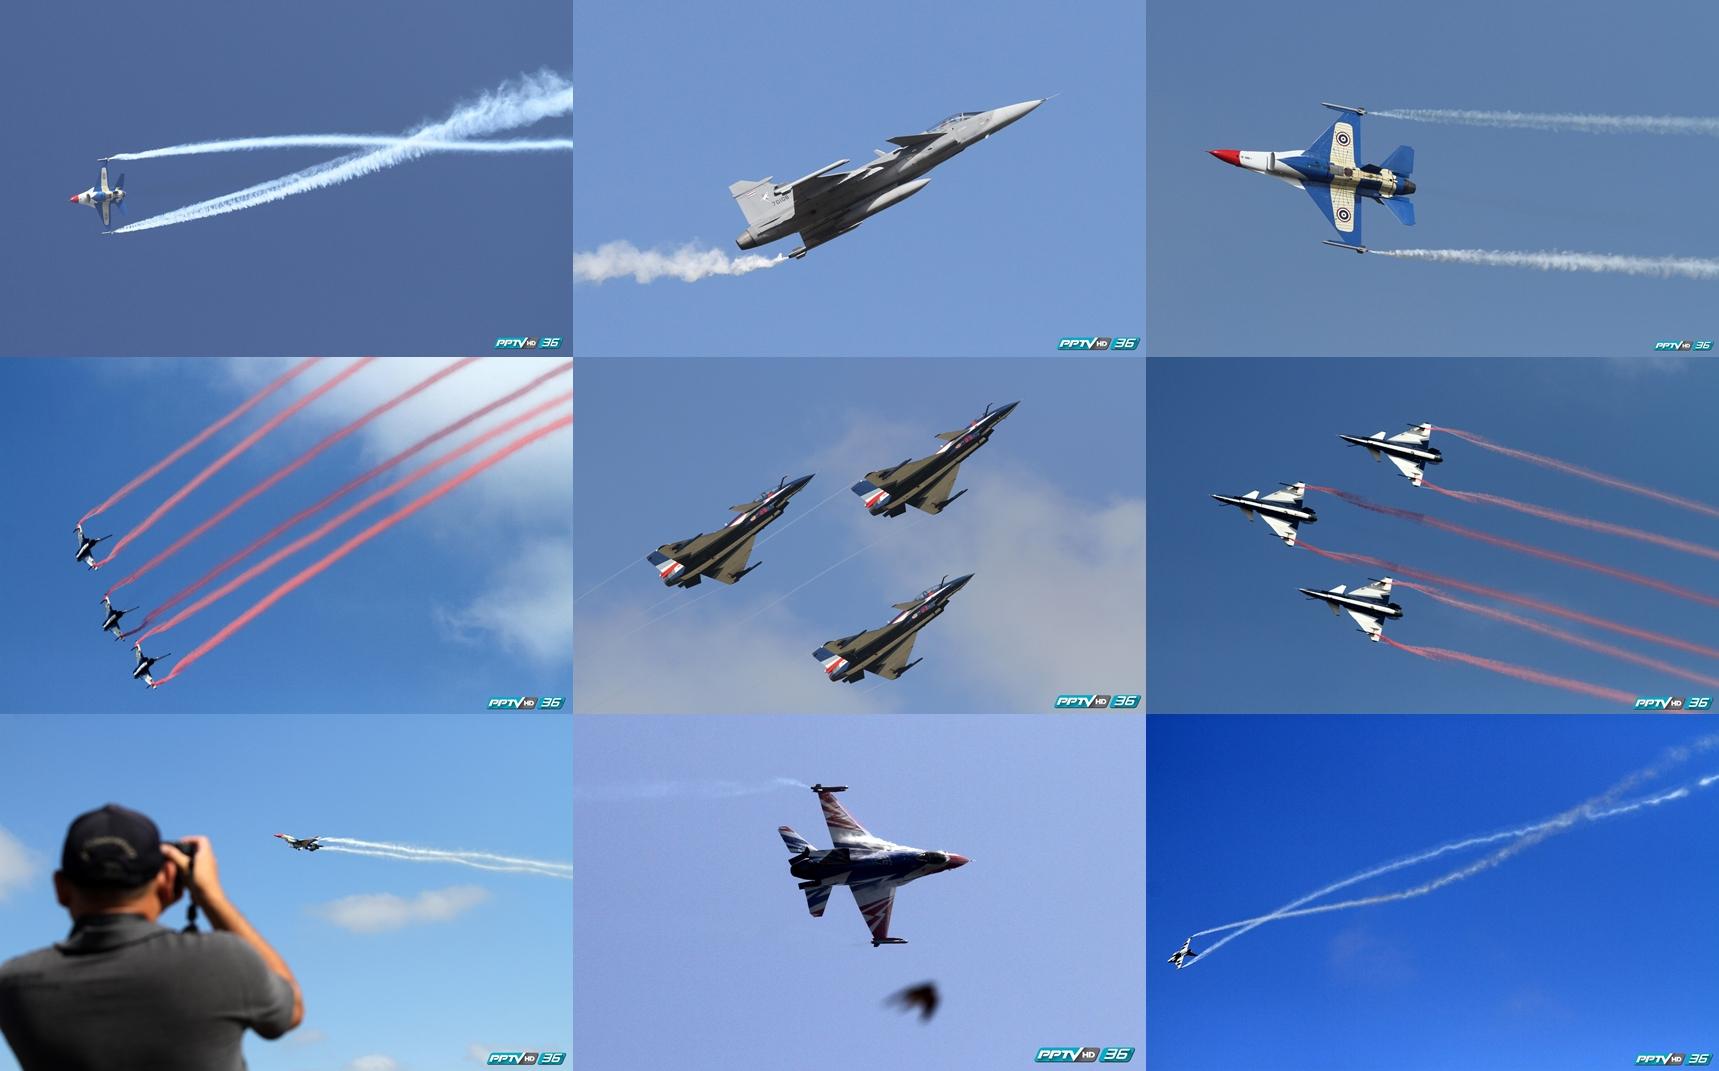 หมู่บินผาดแผลง กองทัพอากาศไทย-จีน บินโชว์ ก่อนแสดงจริง 26-27 พ.ย.นี้